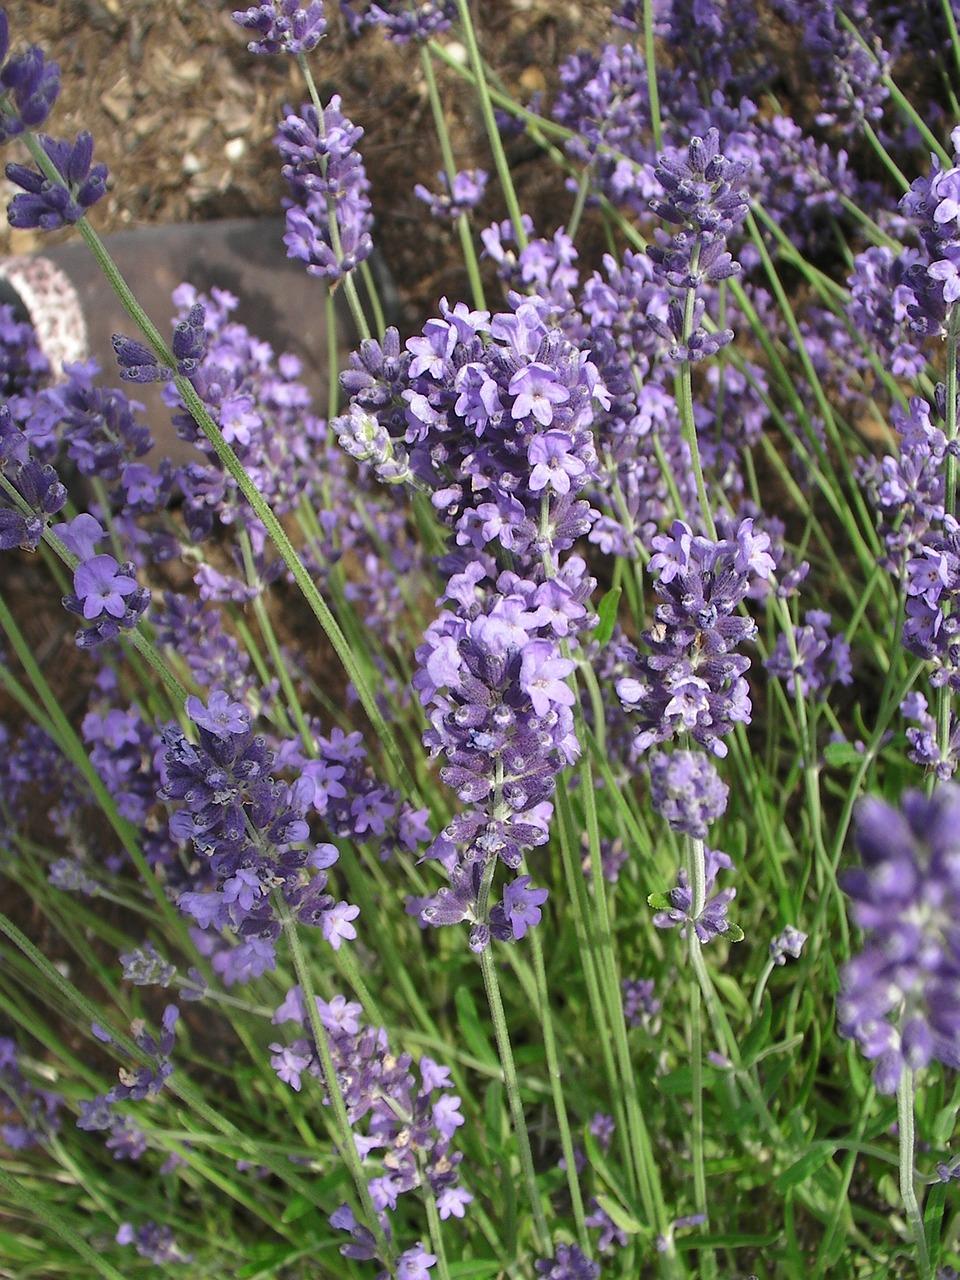 растения с сиреневыми цветами фото и названия содержит внутриигровых покупок